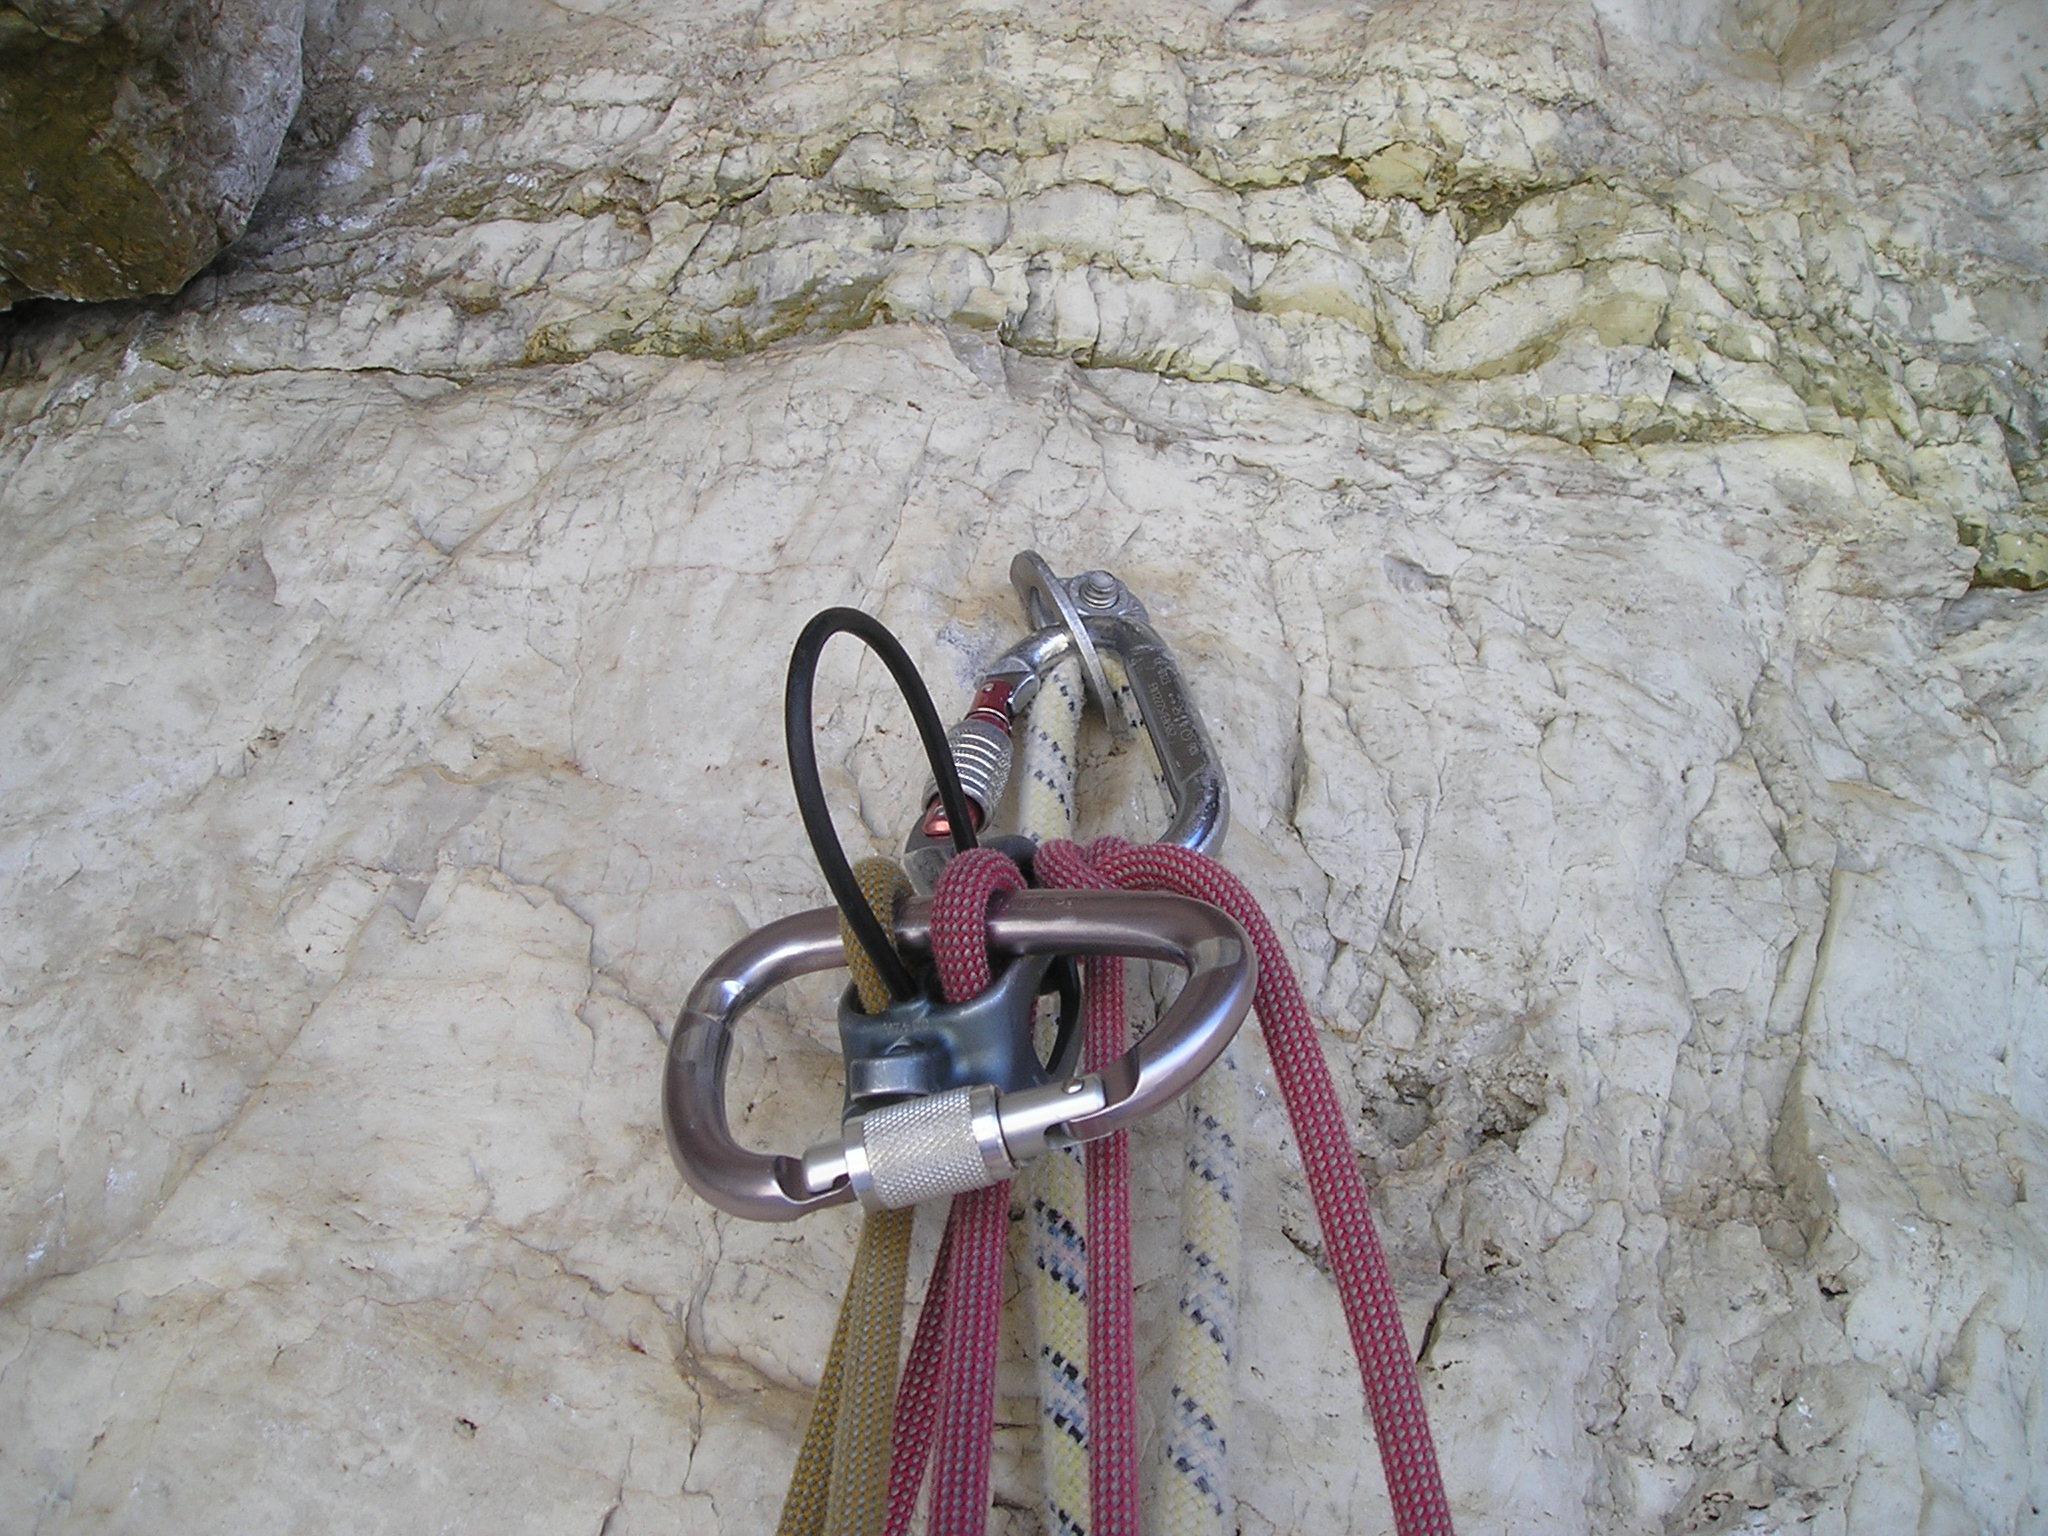 Klettergurt Aus Seil : Kostenlose foto : rock abenteuer felsklettern steigen stand